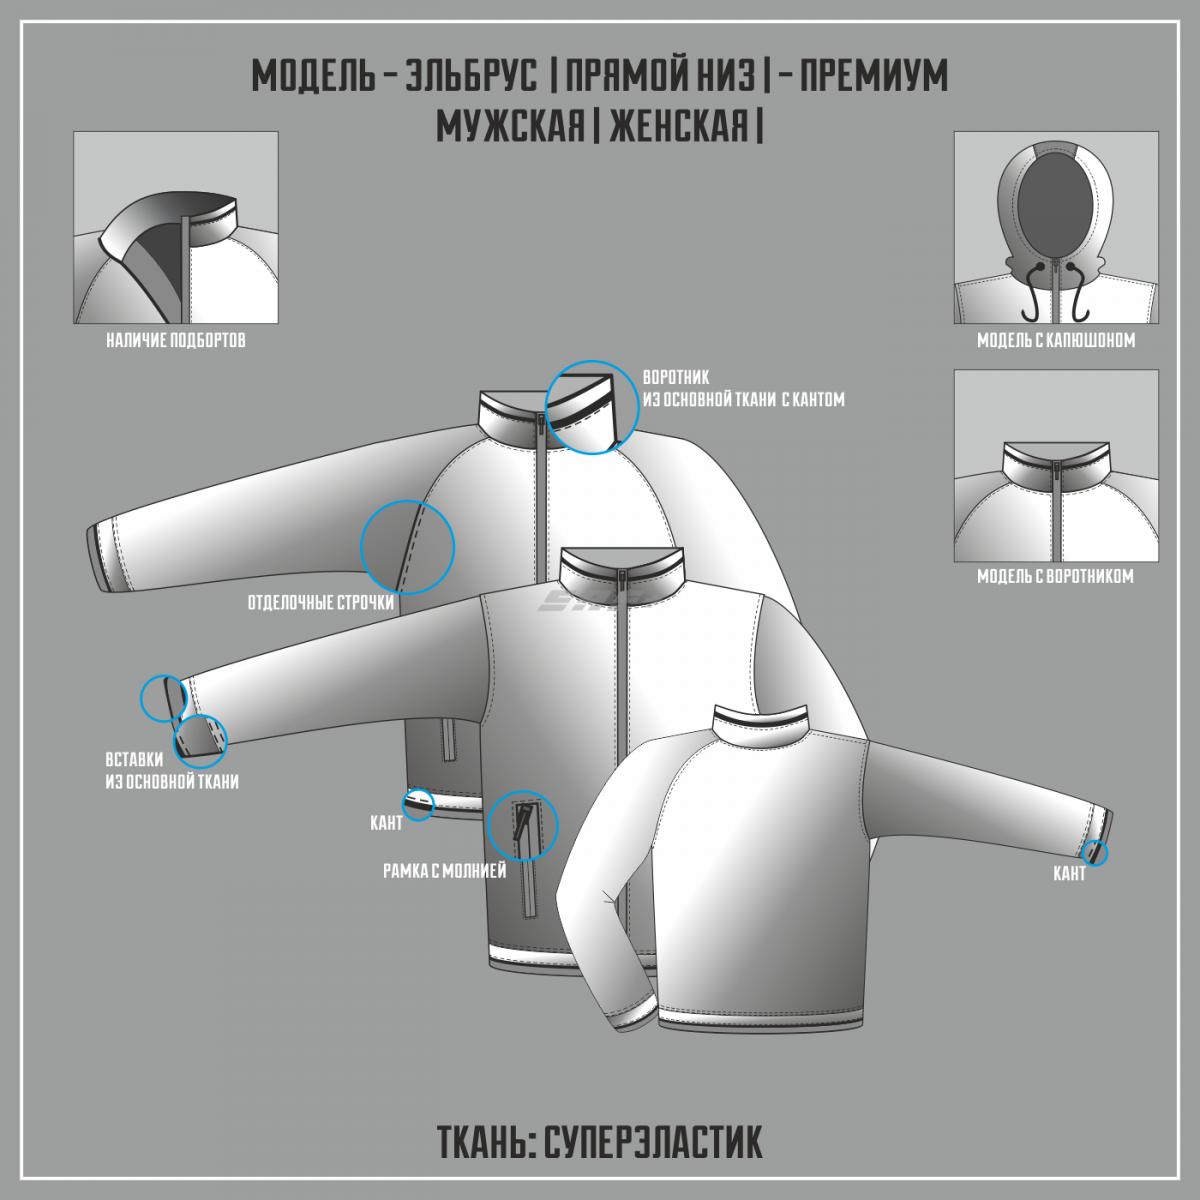 ЭЛЬБРУС-СУПЕРЭЛАСТИК ПРЕМИУМ куртка прямой низ (Полная сублимация)